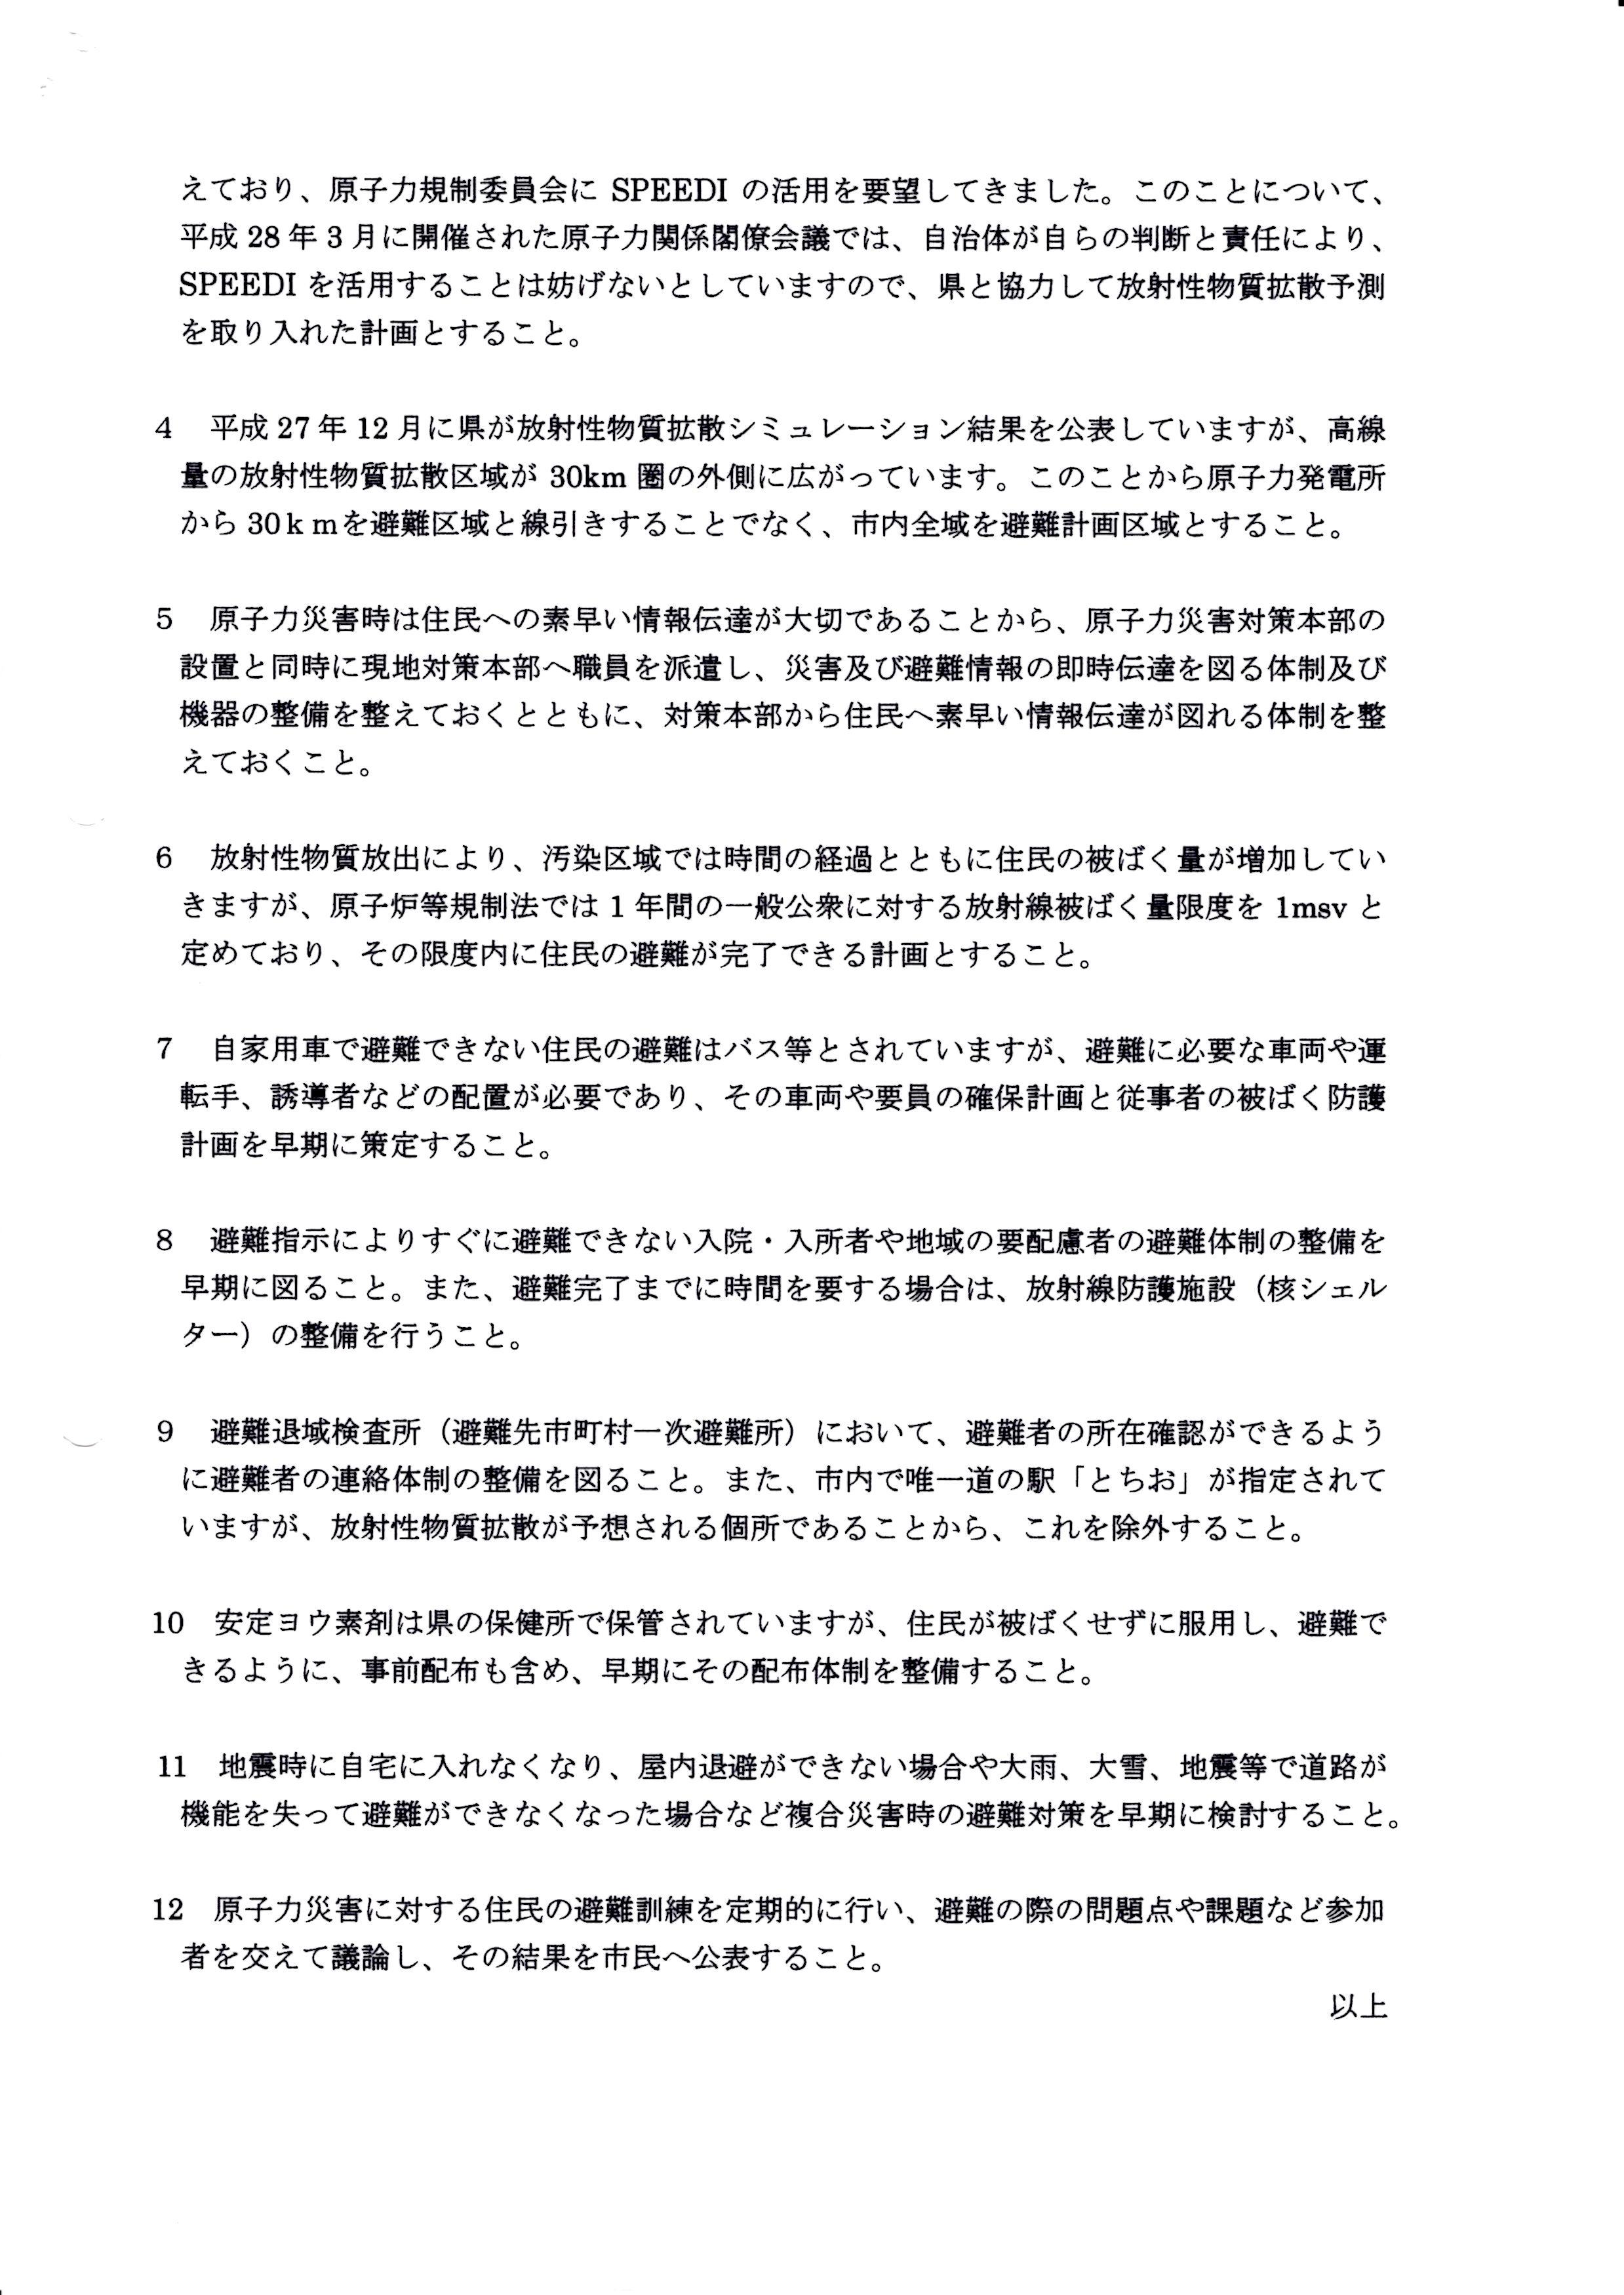 29.2.3 長岡市への要望書2ページ